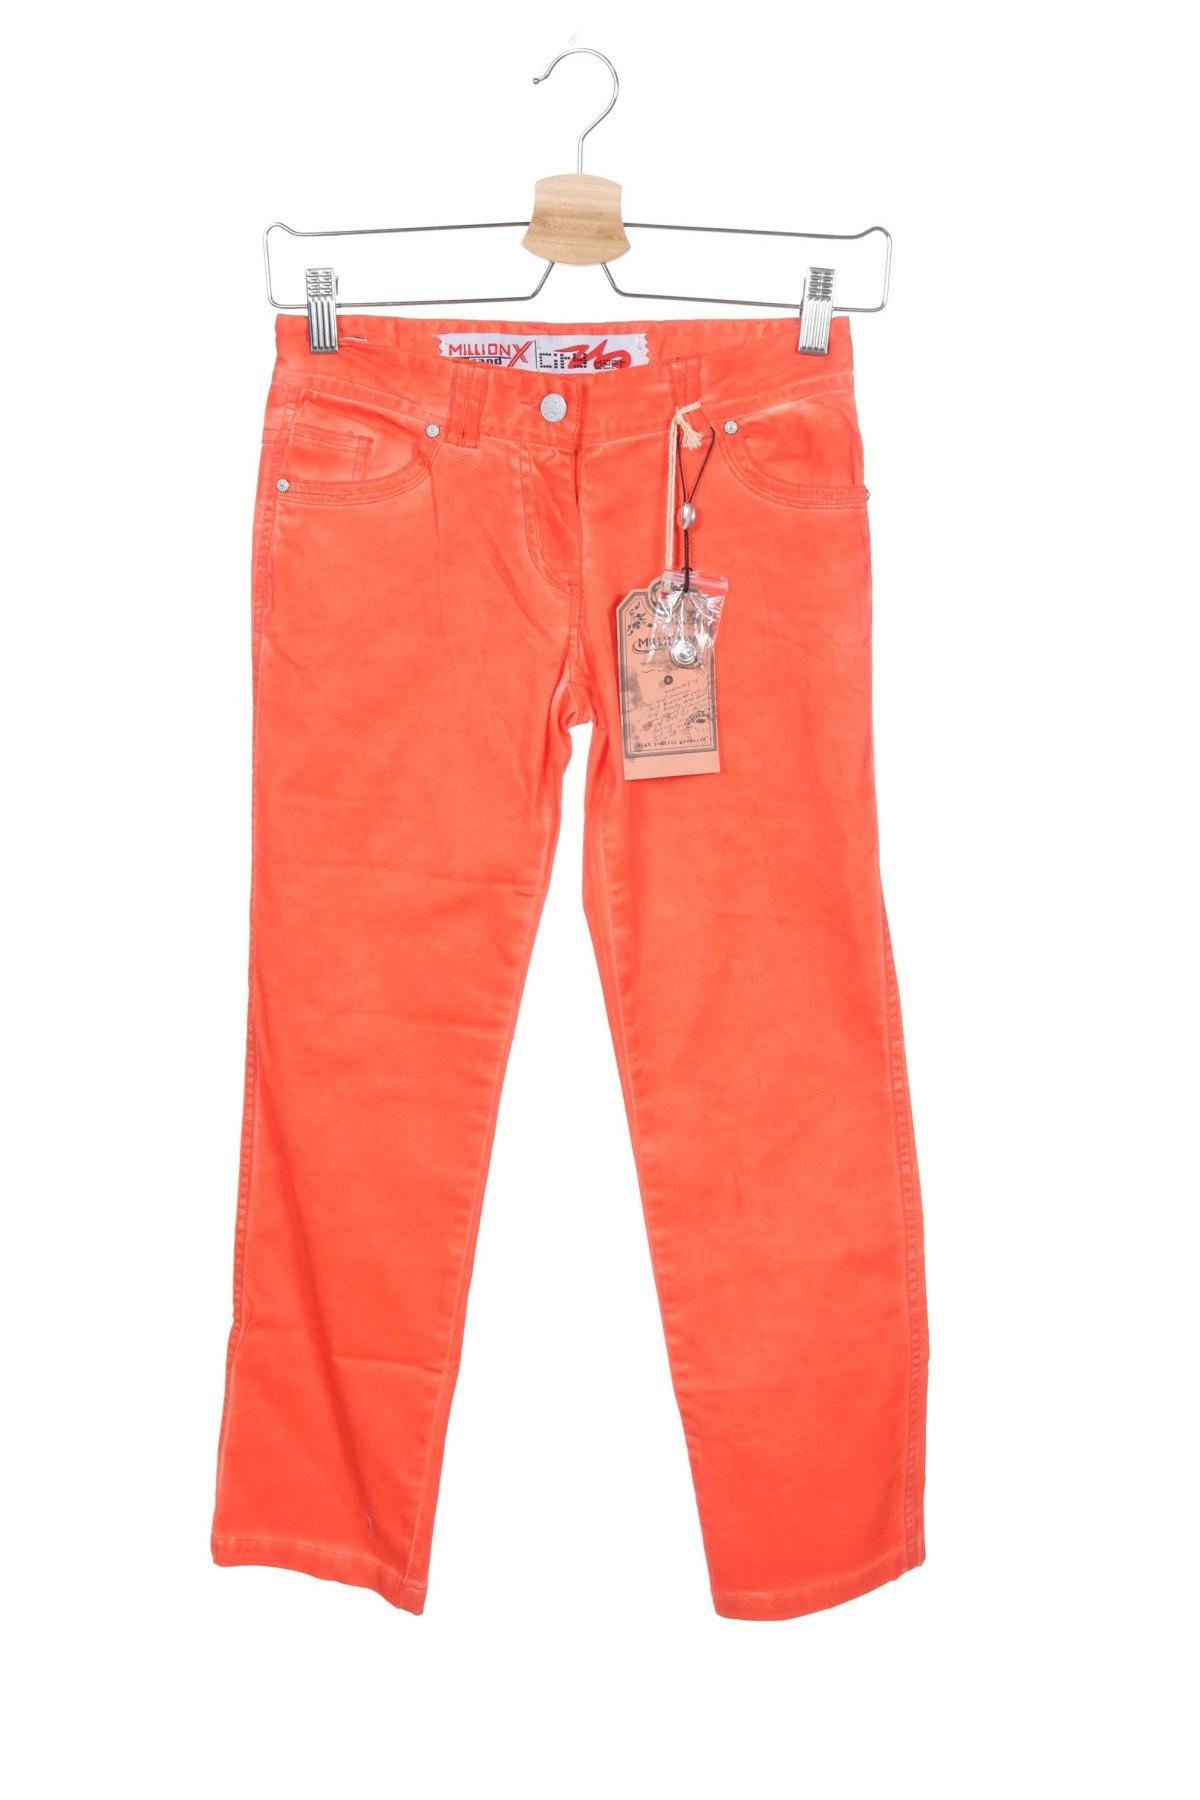 Παιδικό παντελόνι Million X, Μέγεθος 9-10y/ 140-146 εκ., Χρώμα Πορτοκαλί, 98% βαμβάκι, 2% ελαστάνη, Τιμή 7,07€